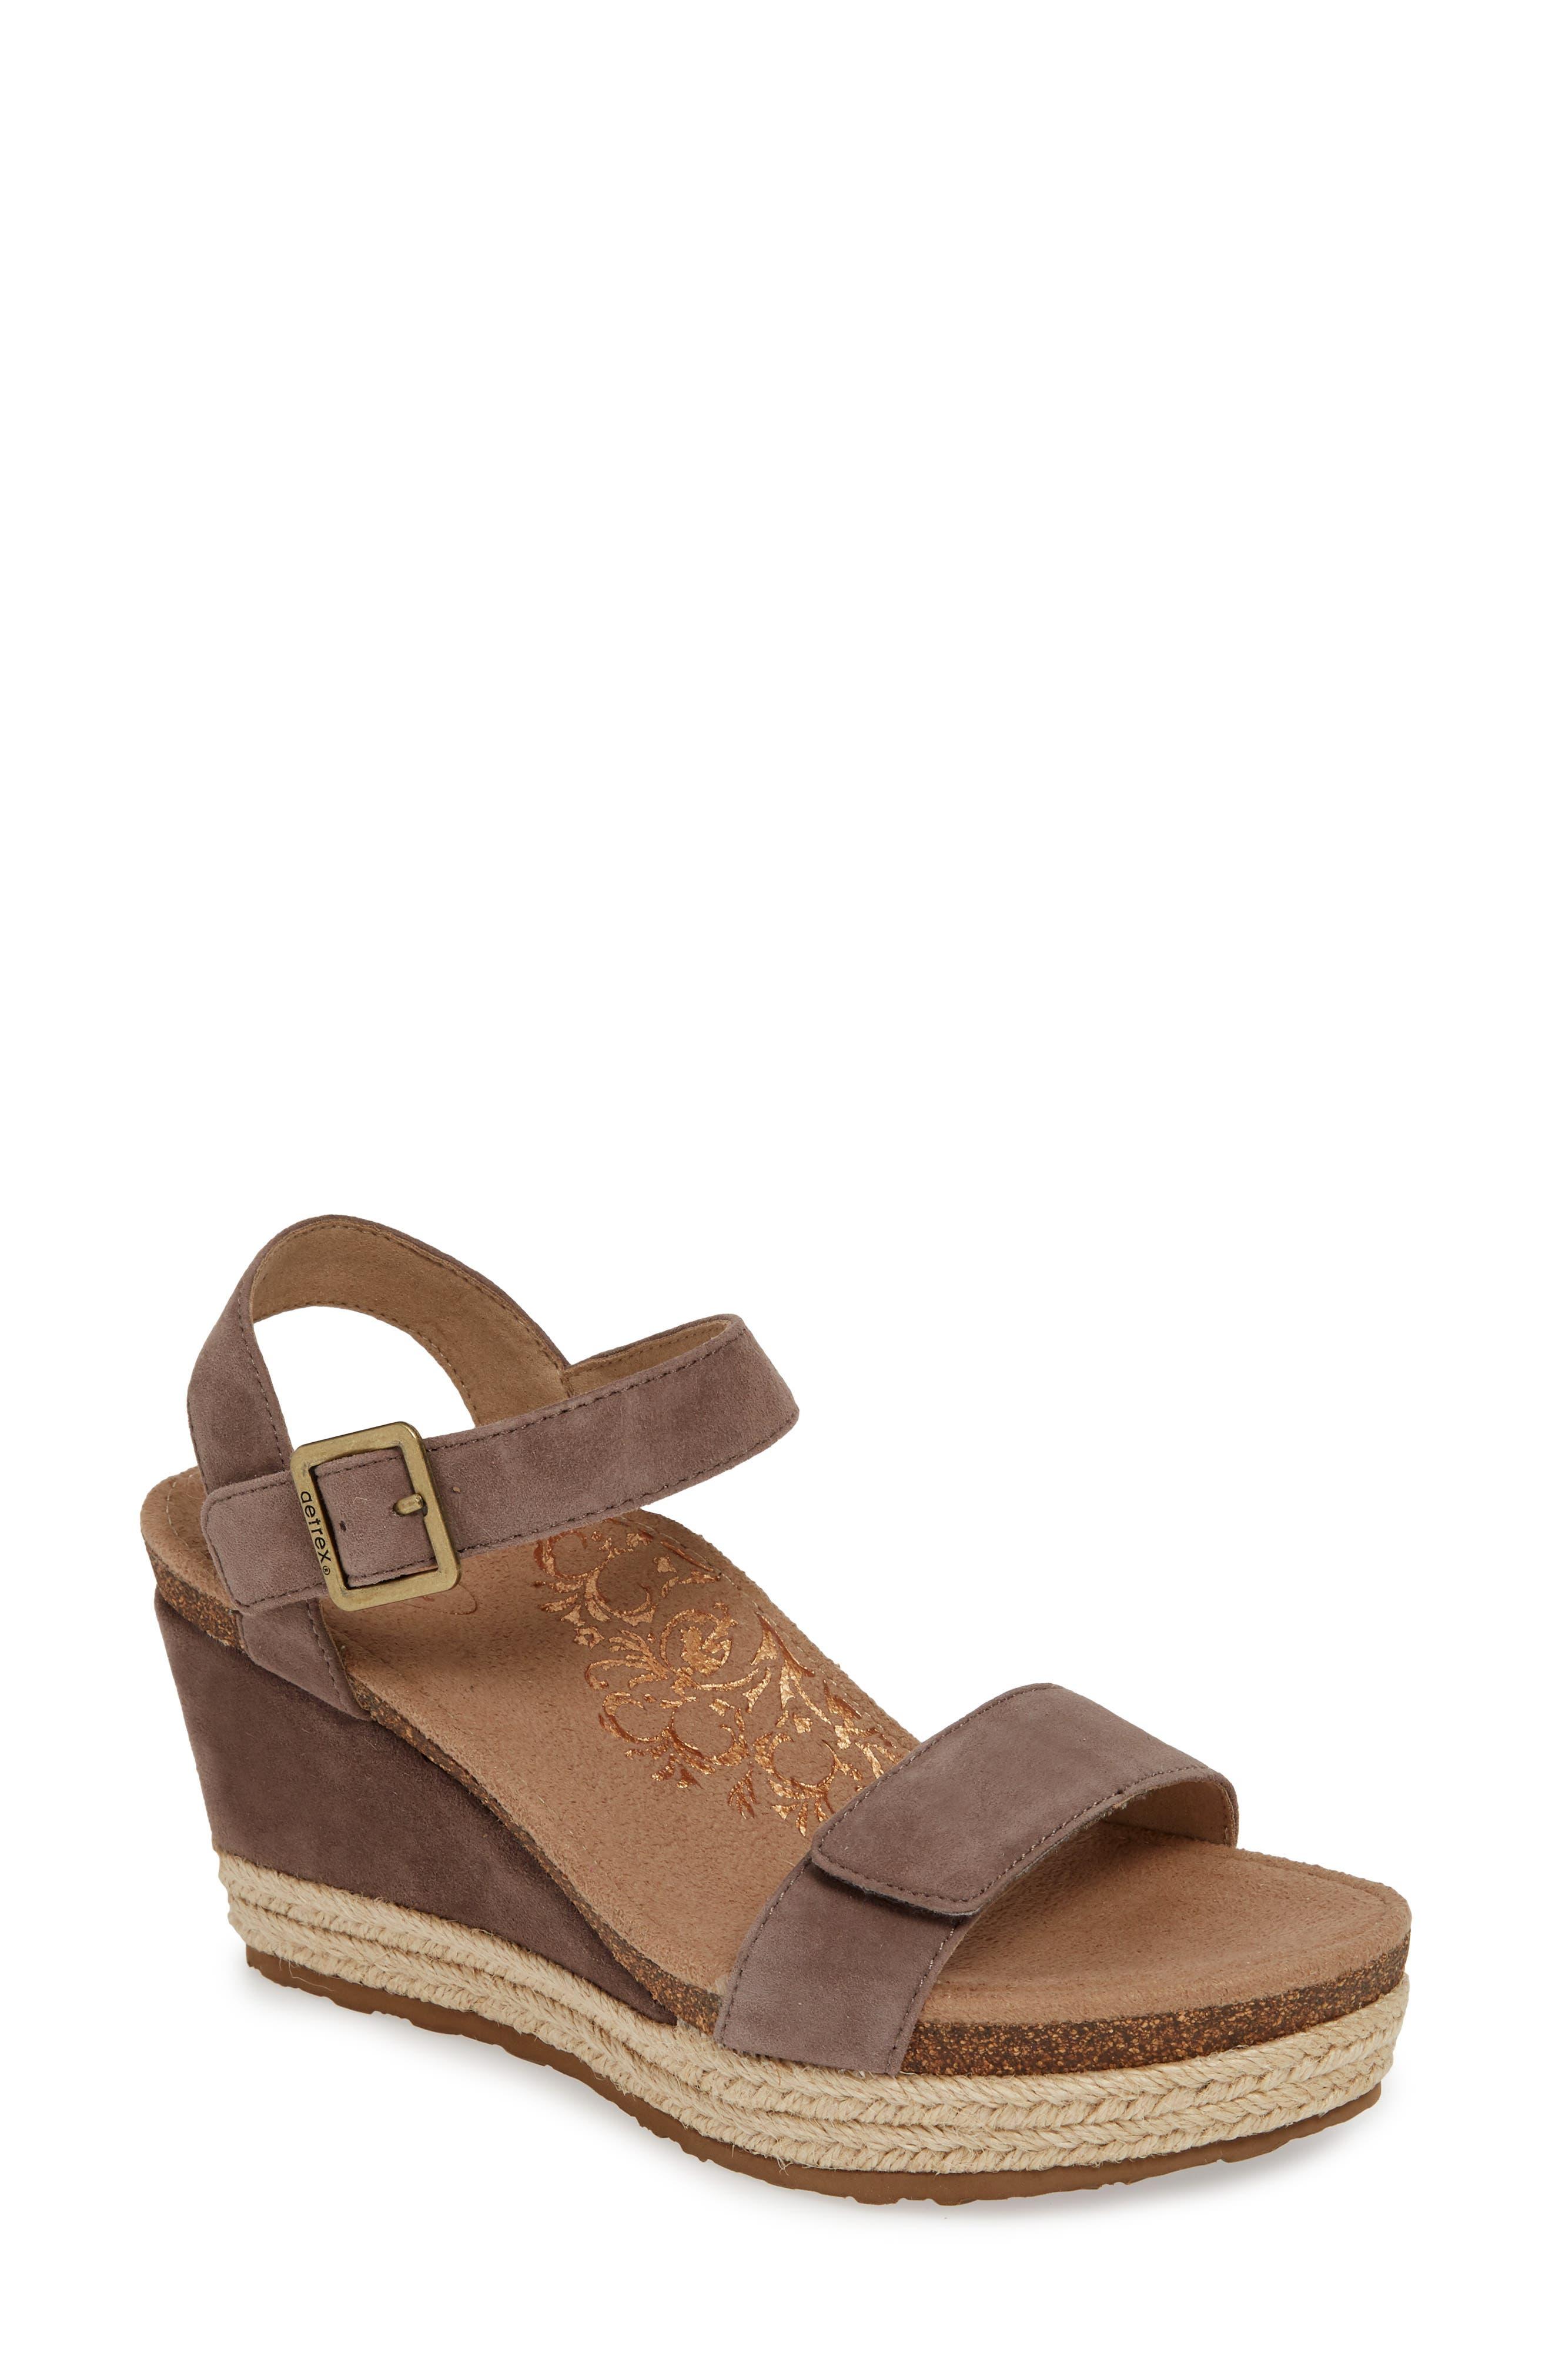 Sydney Wedge Sandal